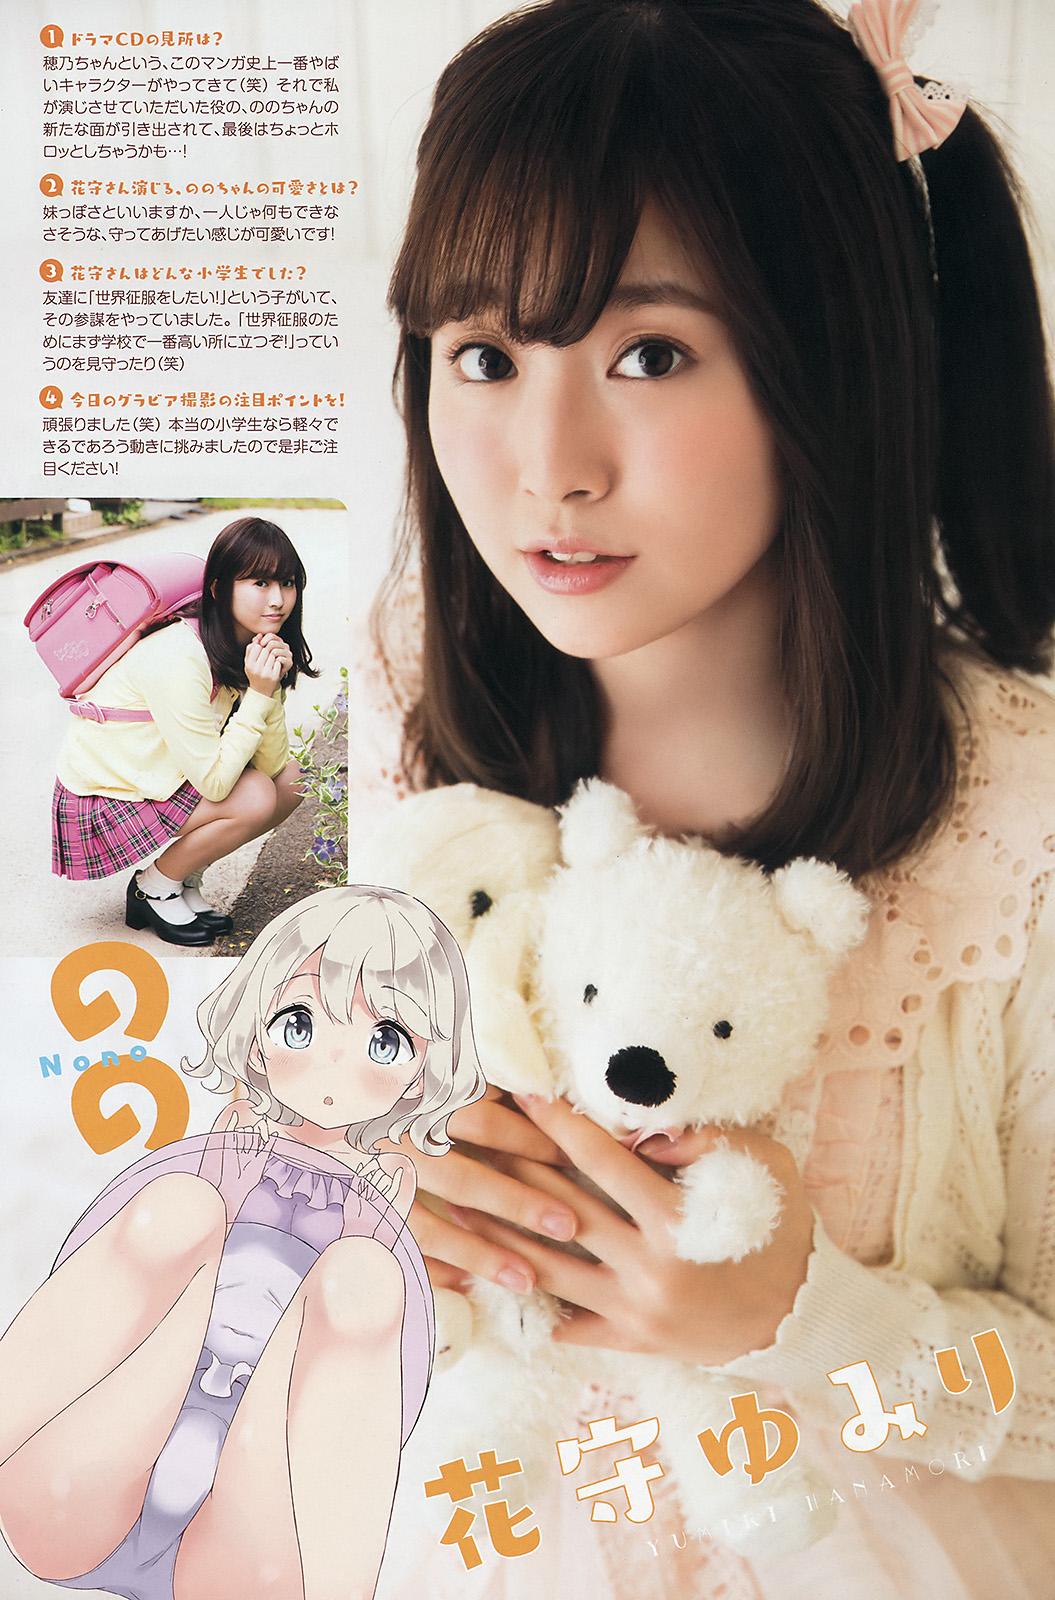 Yumiri Hanamori 花守ゆみり, Rie Takahashi 高橋李依, Aina Suzuki 鈴木愛奈, Young Animal 2017.06.09 No.11 (ヤングアニマル 2017年11号)